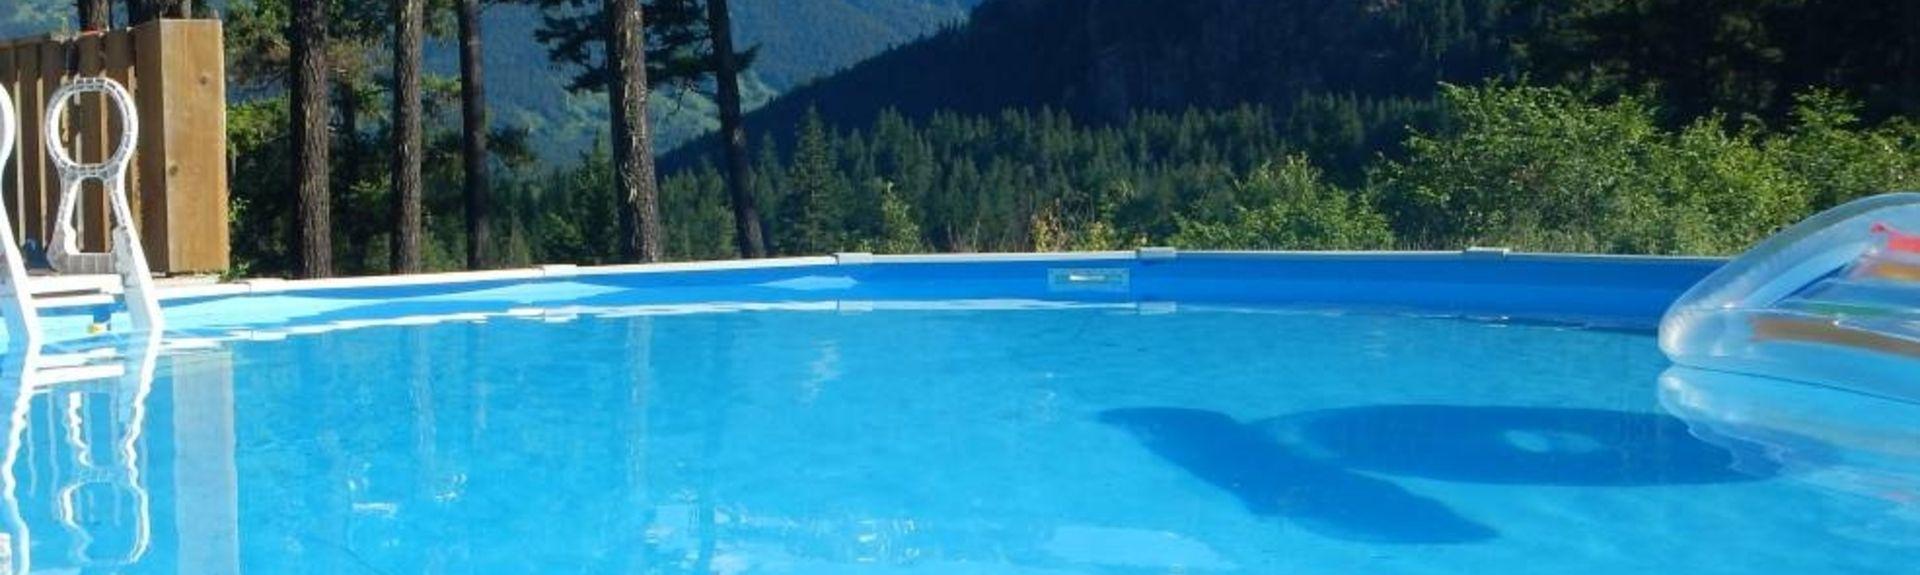 Squamish-Lillooet Regional District, BC, Canada